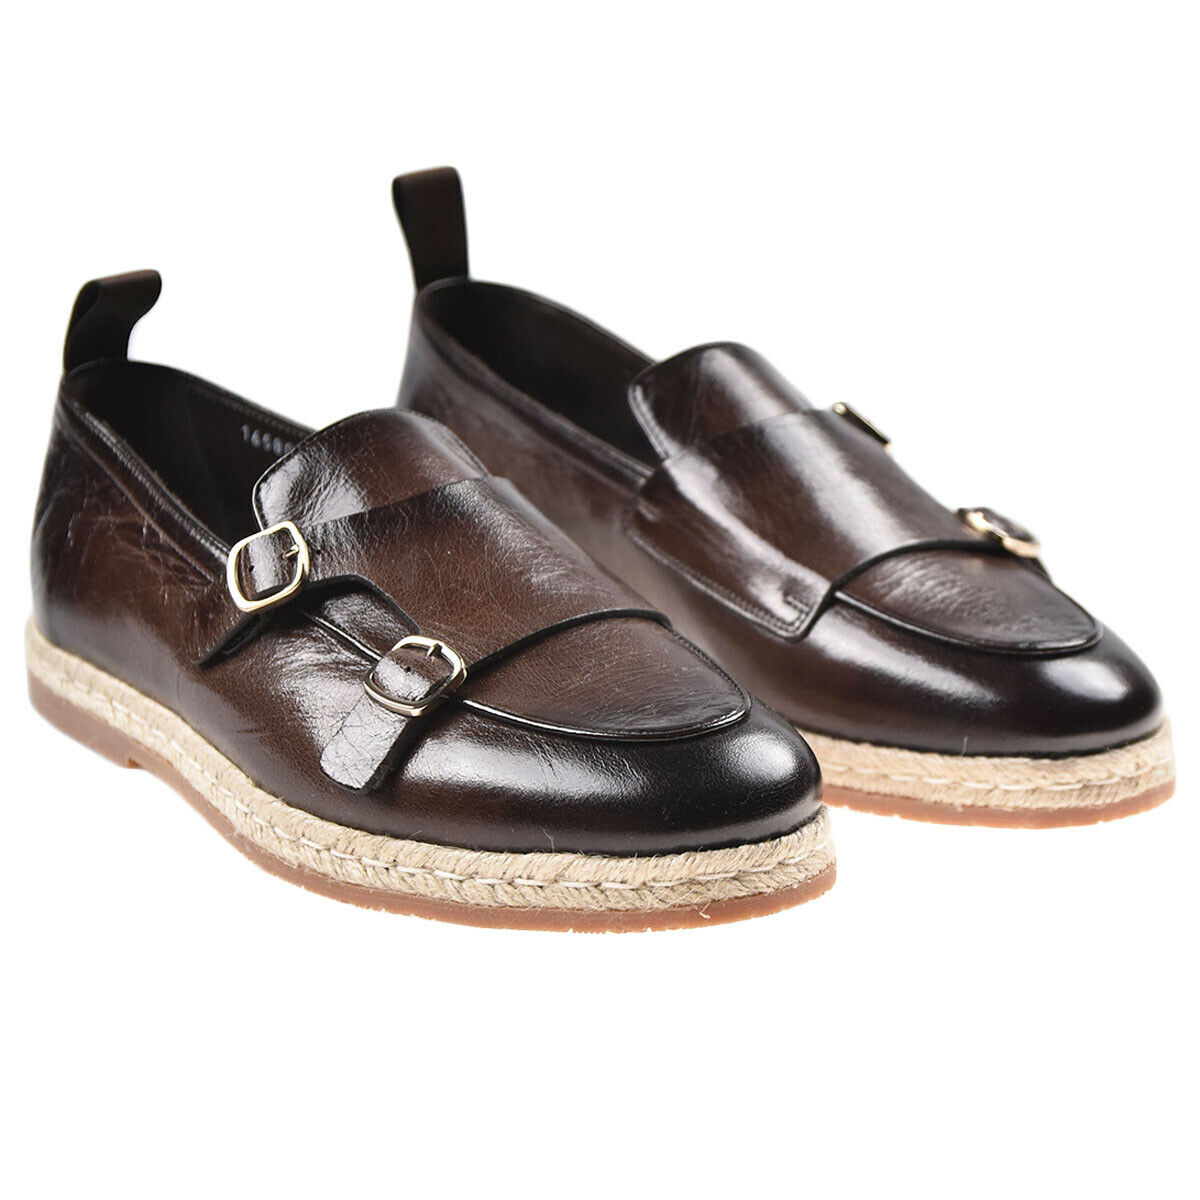 Nuevo SANTONI Mocasines zapatos 100% Cuero Tamaño 9.5 nos 42.5 EU 19SAN7